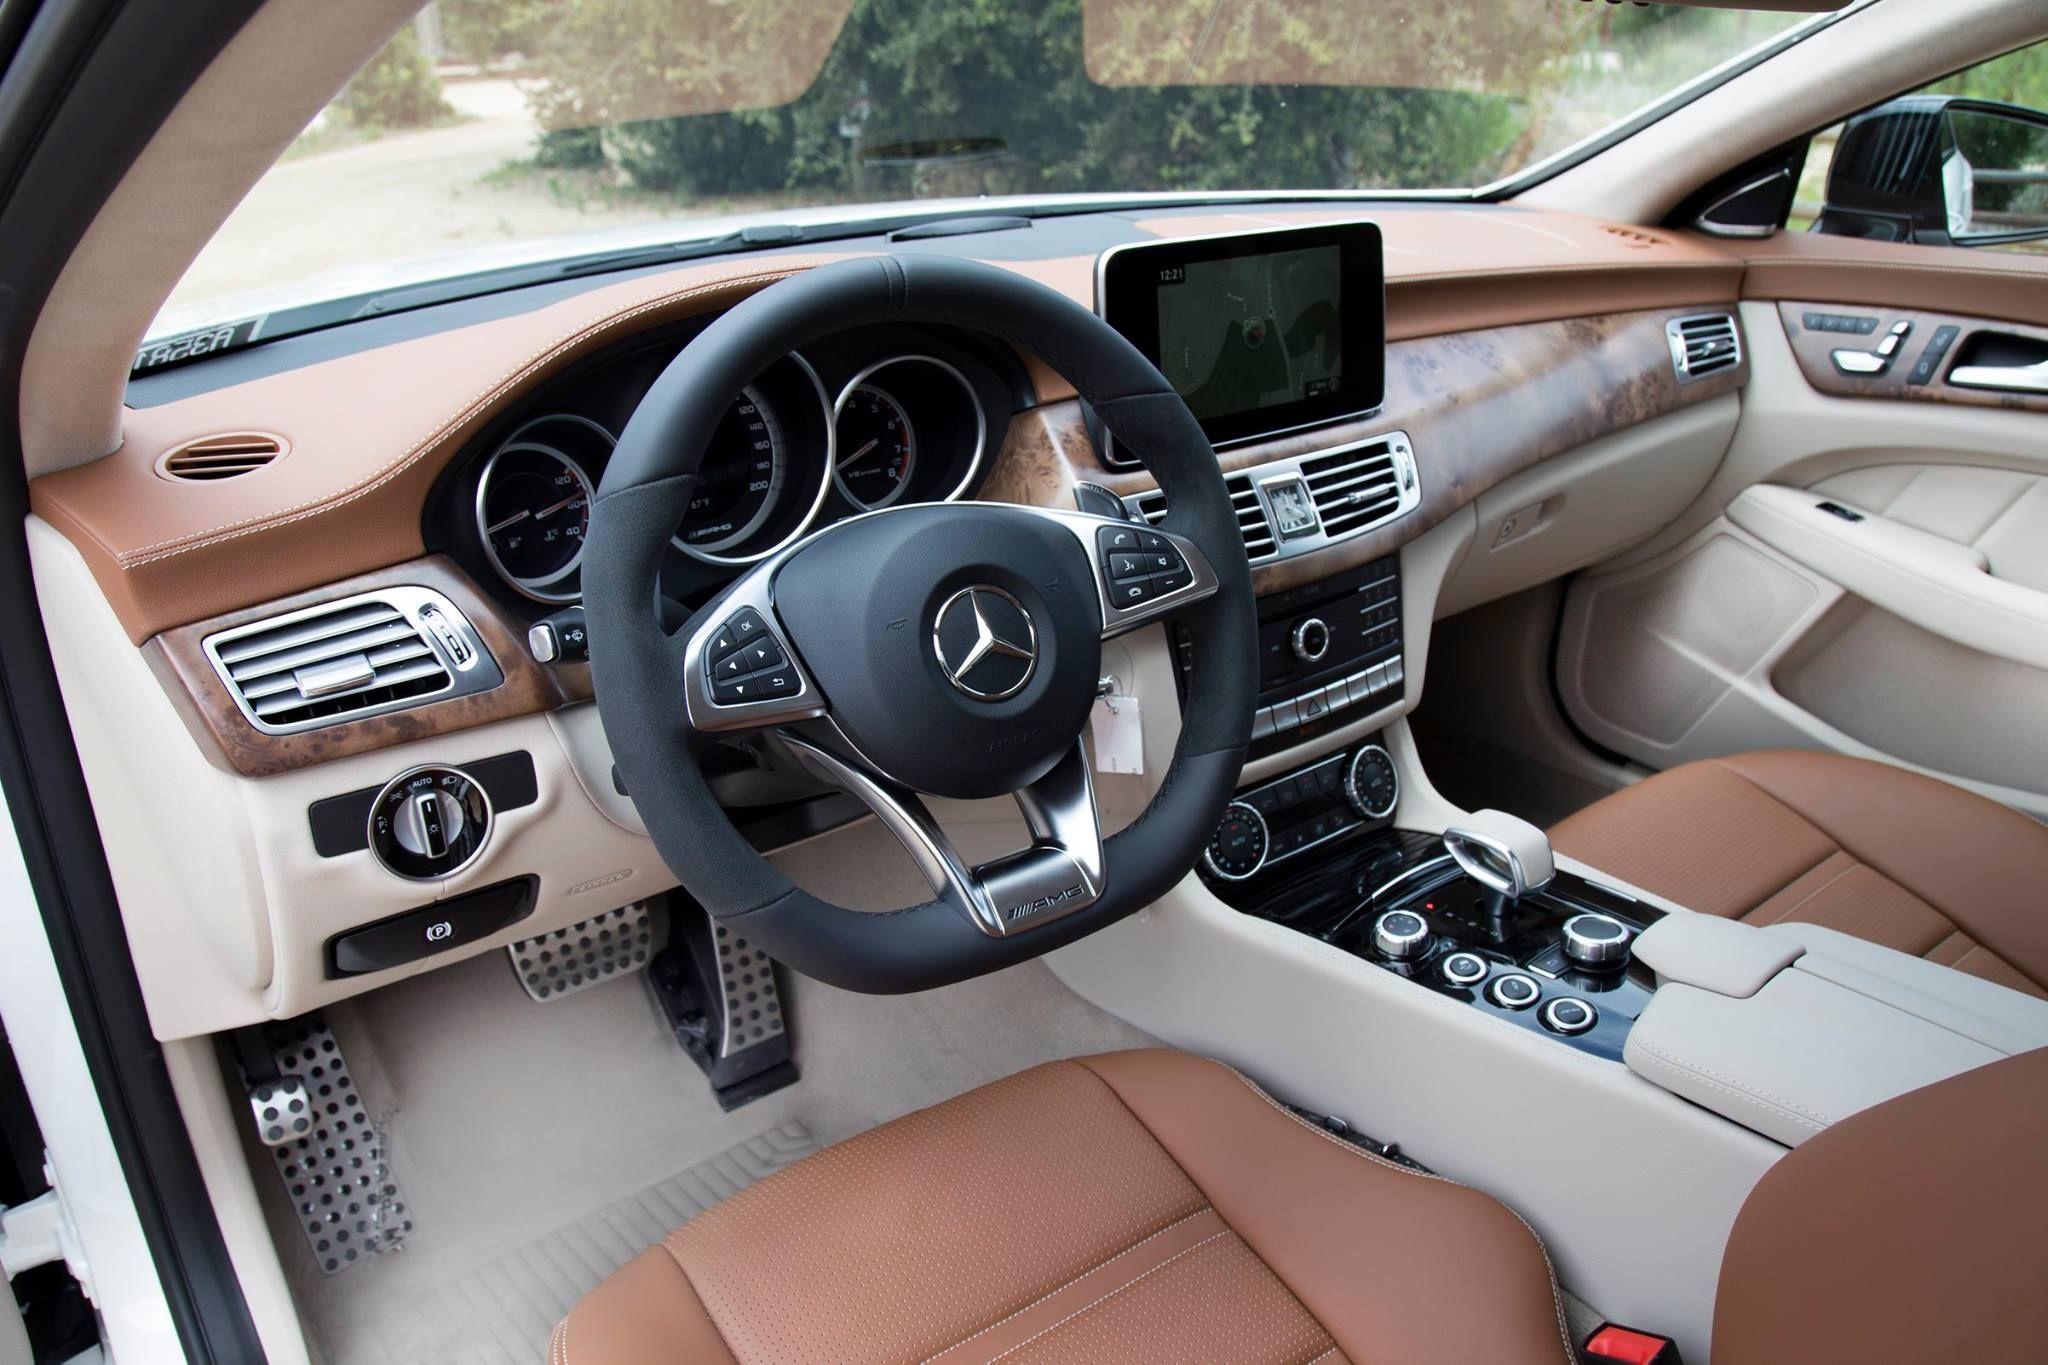 2017 Mercedes Benz Cls Amg Interior Www Mblaguna Com Mercedes